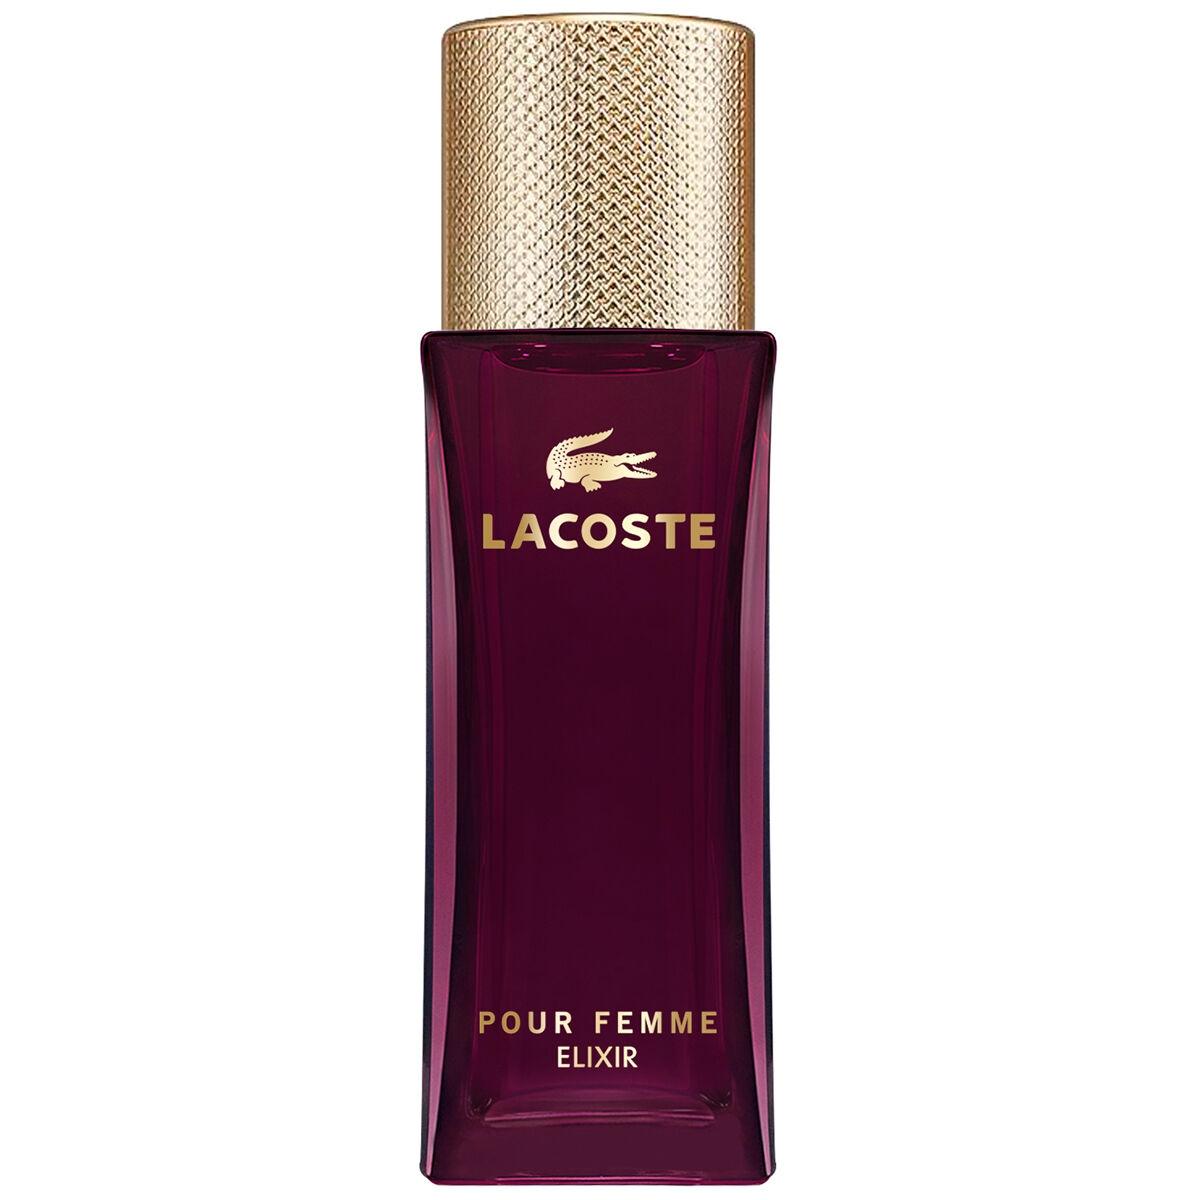 Lacoste Pour Femme Elixir (W) edp 90ml